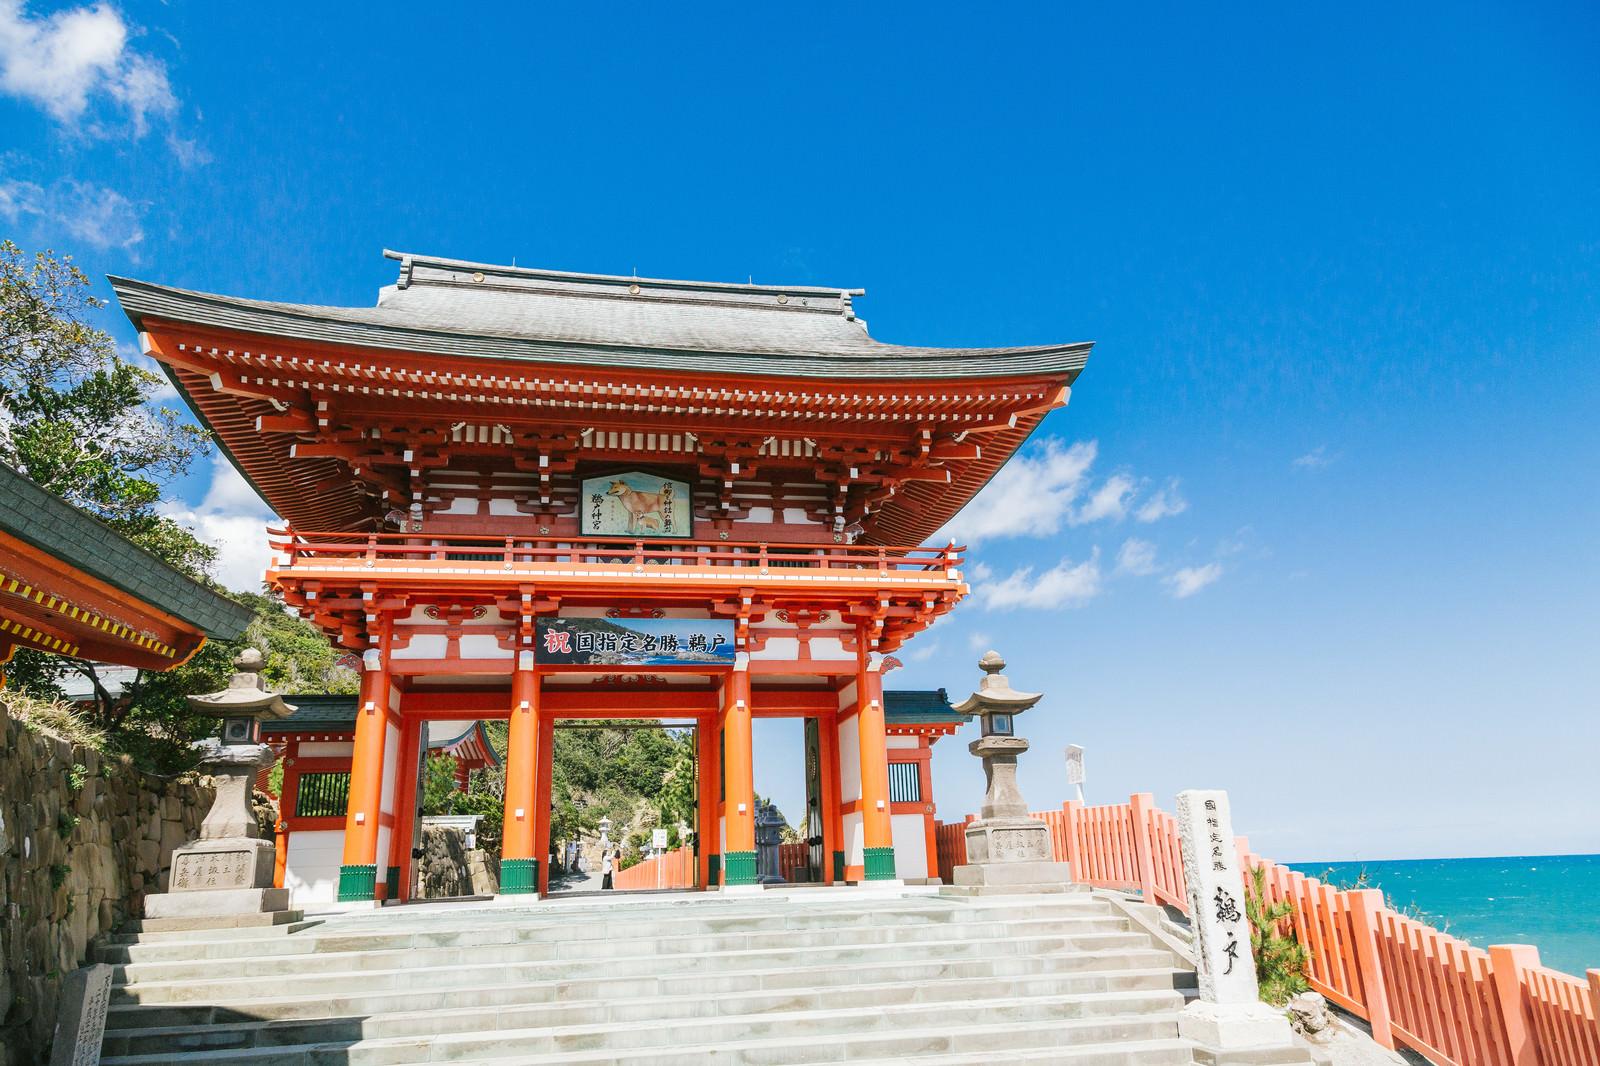 「鵜戸神宮の楼門」の写真